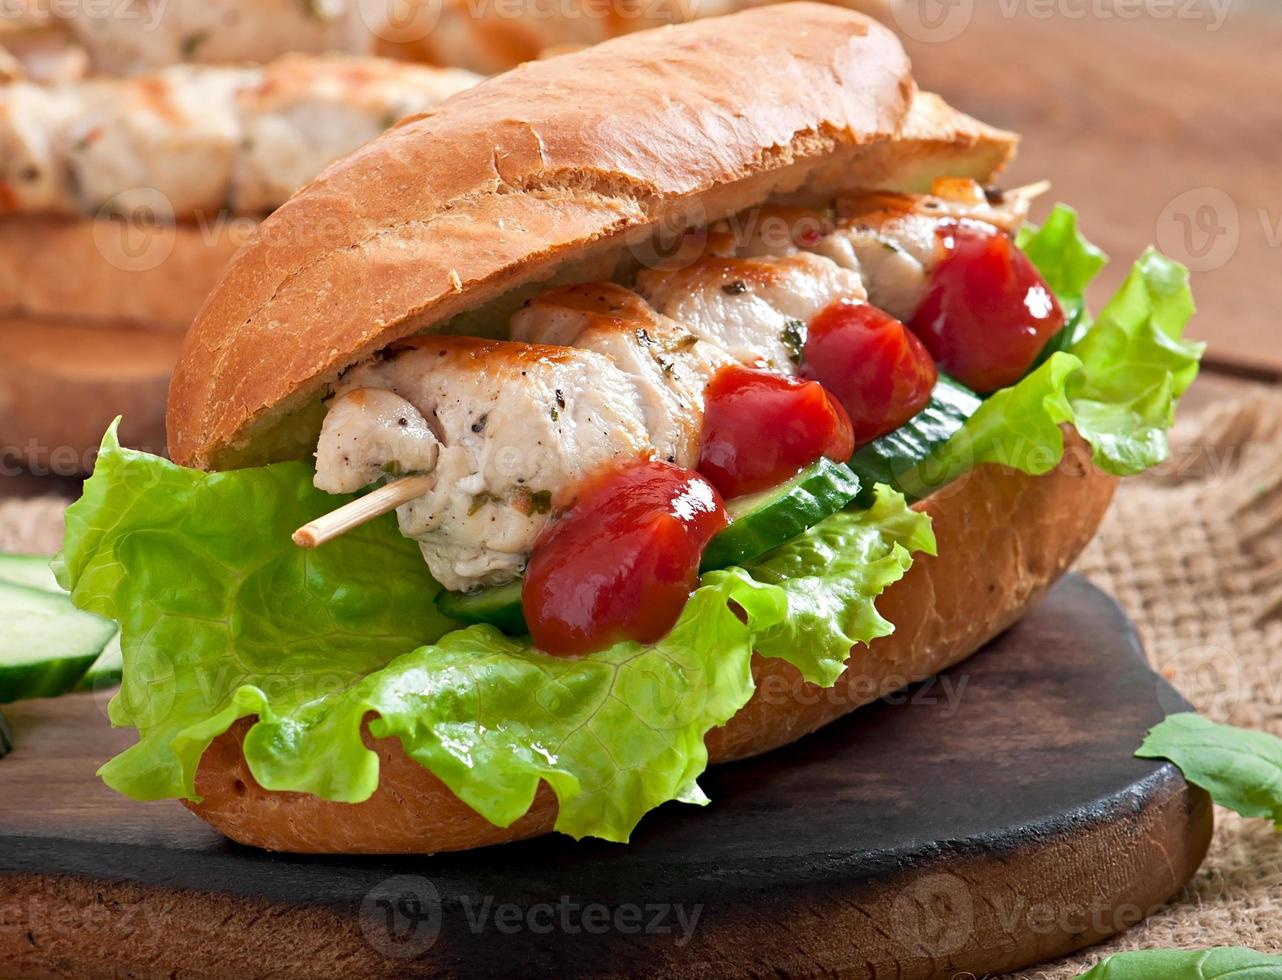 stor smörgås med kycklingkebab och sallad foto